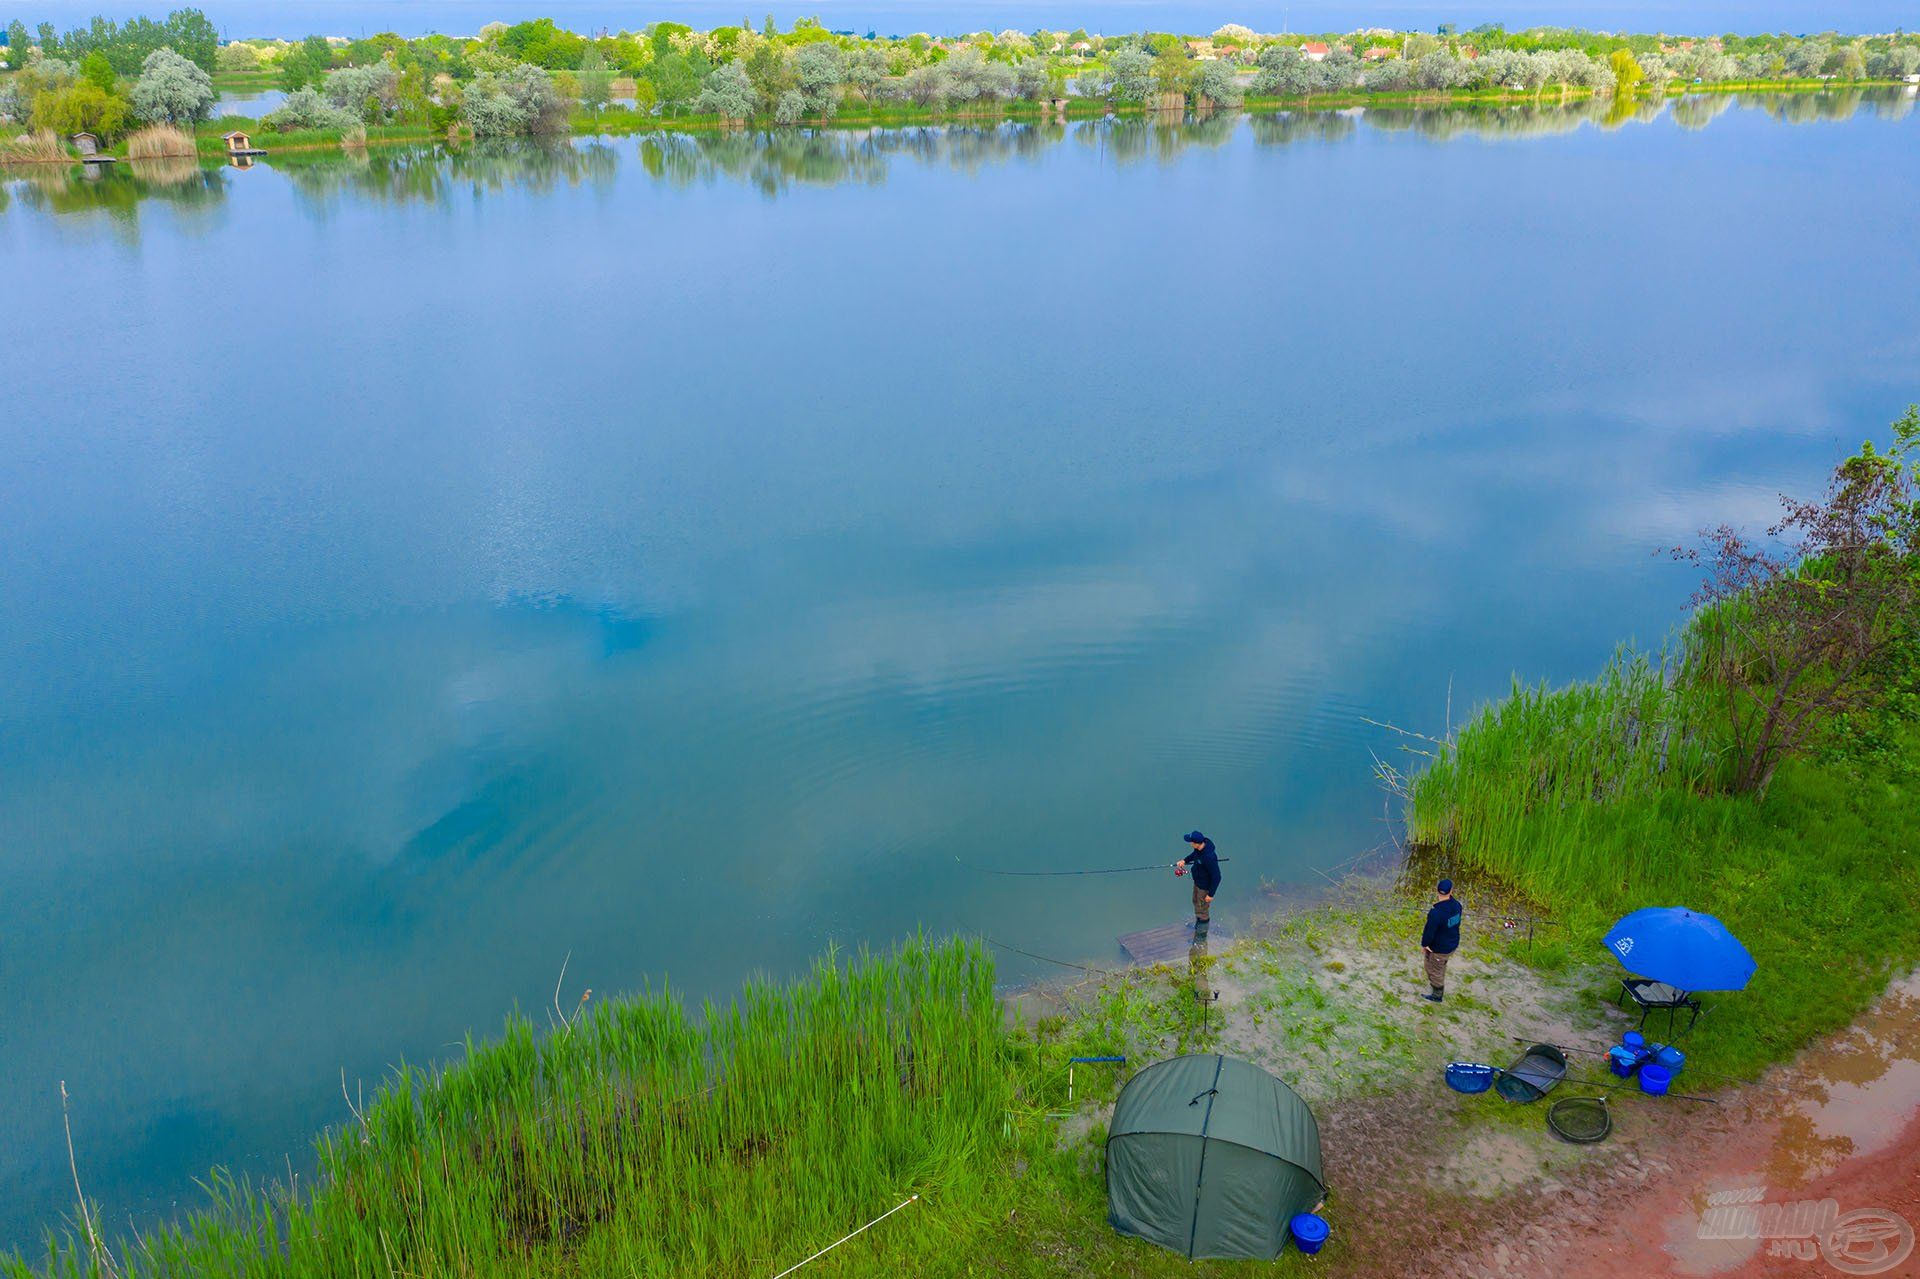 A vízmélység – a tó közepén ahol horgásztunk – közel 7 méter volt, itt a halak aktivitása folyamatos volt